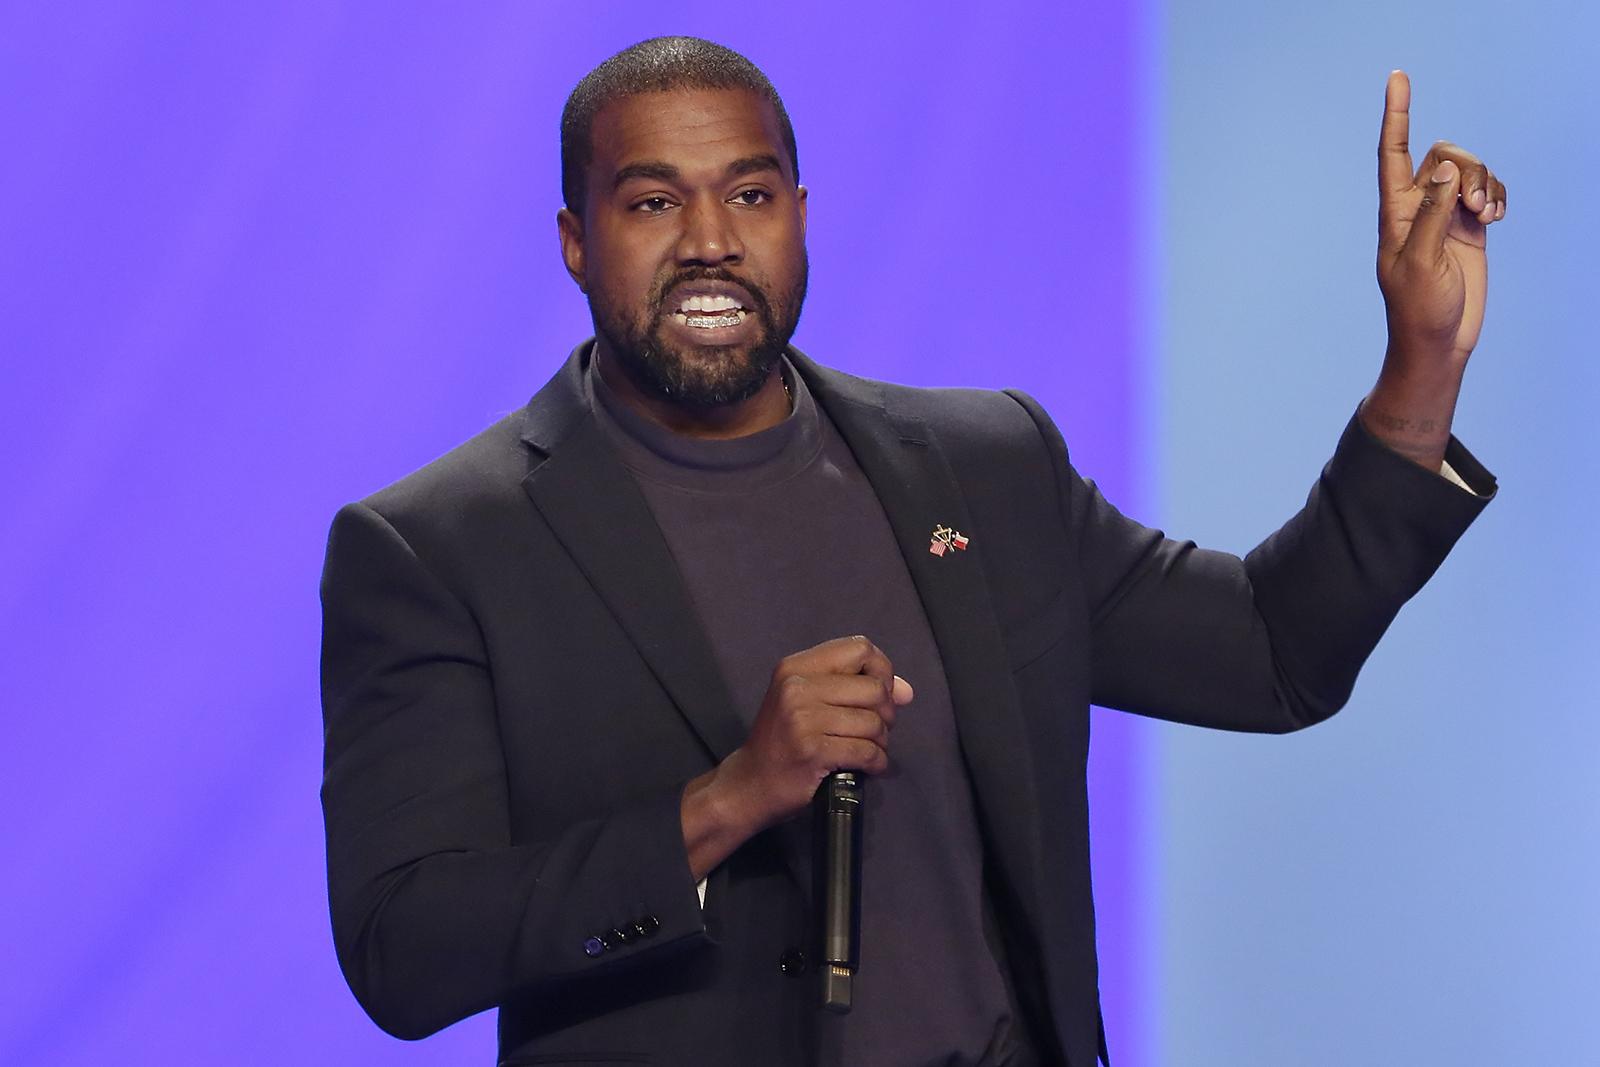 Kanye está concorrendo à presidência – e sua plataforma tem muito de Deus